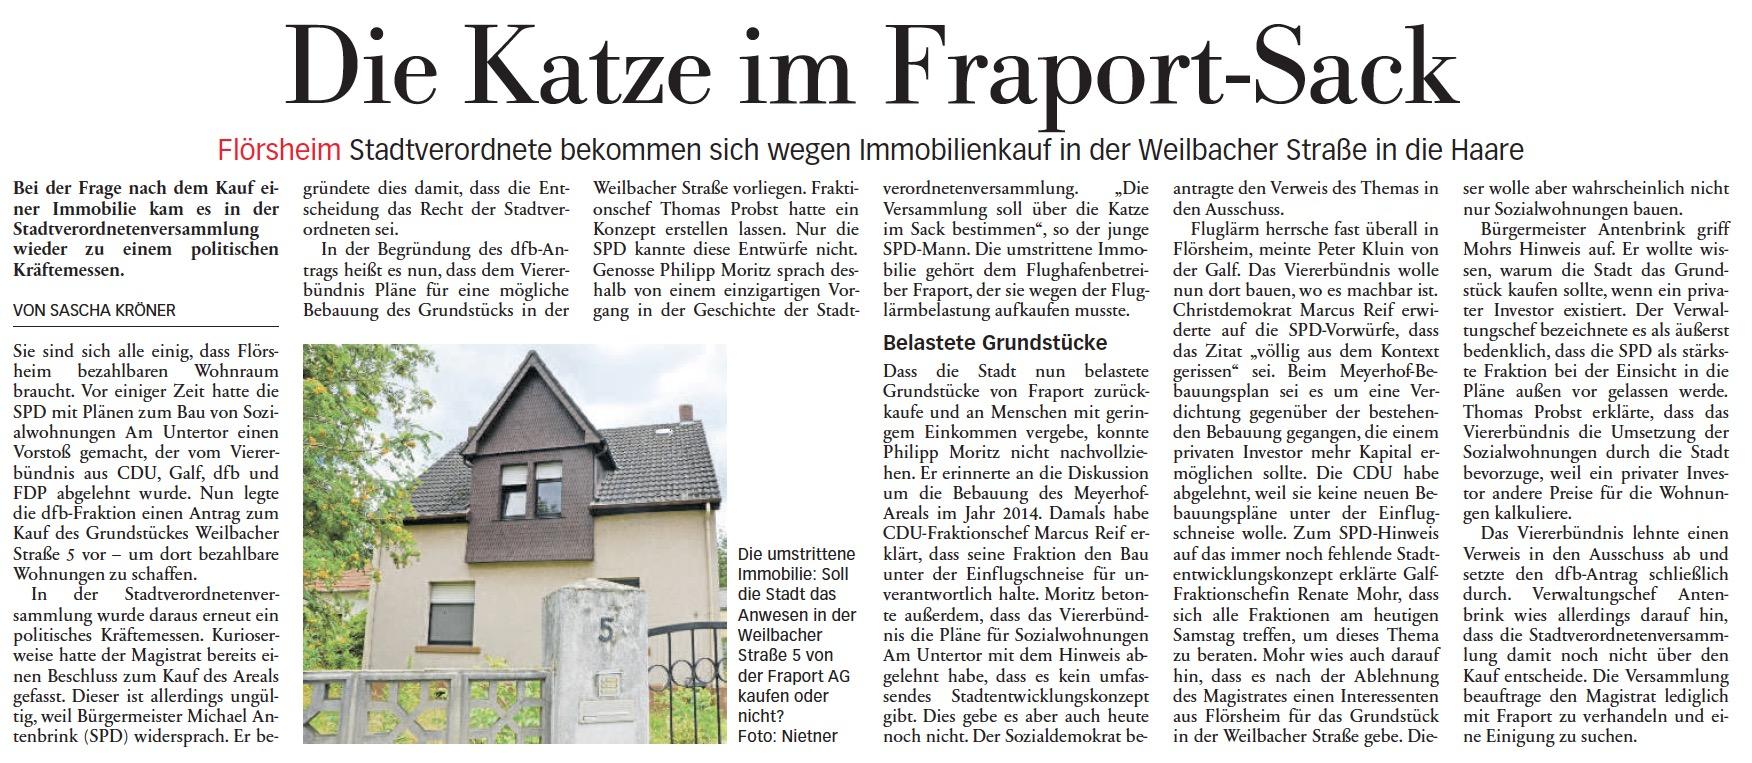 Höchster Kreisblatt: Immobilienkauf in der Weilbacher Straße